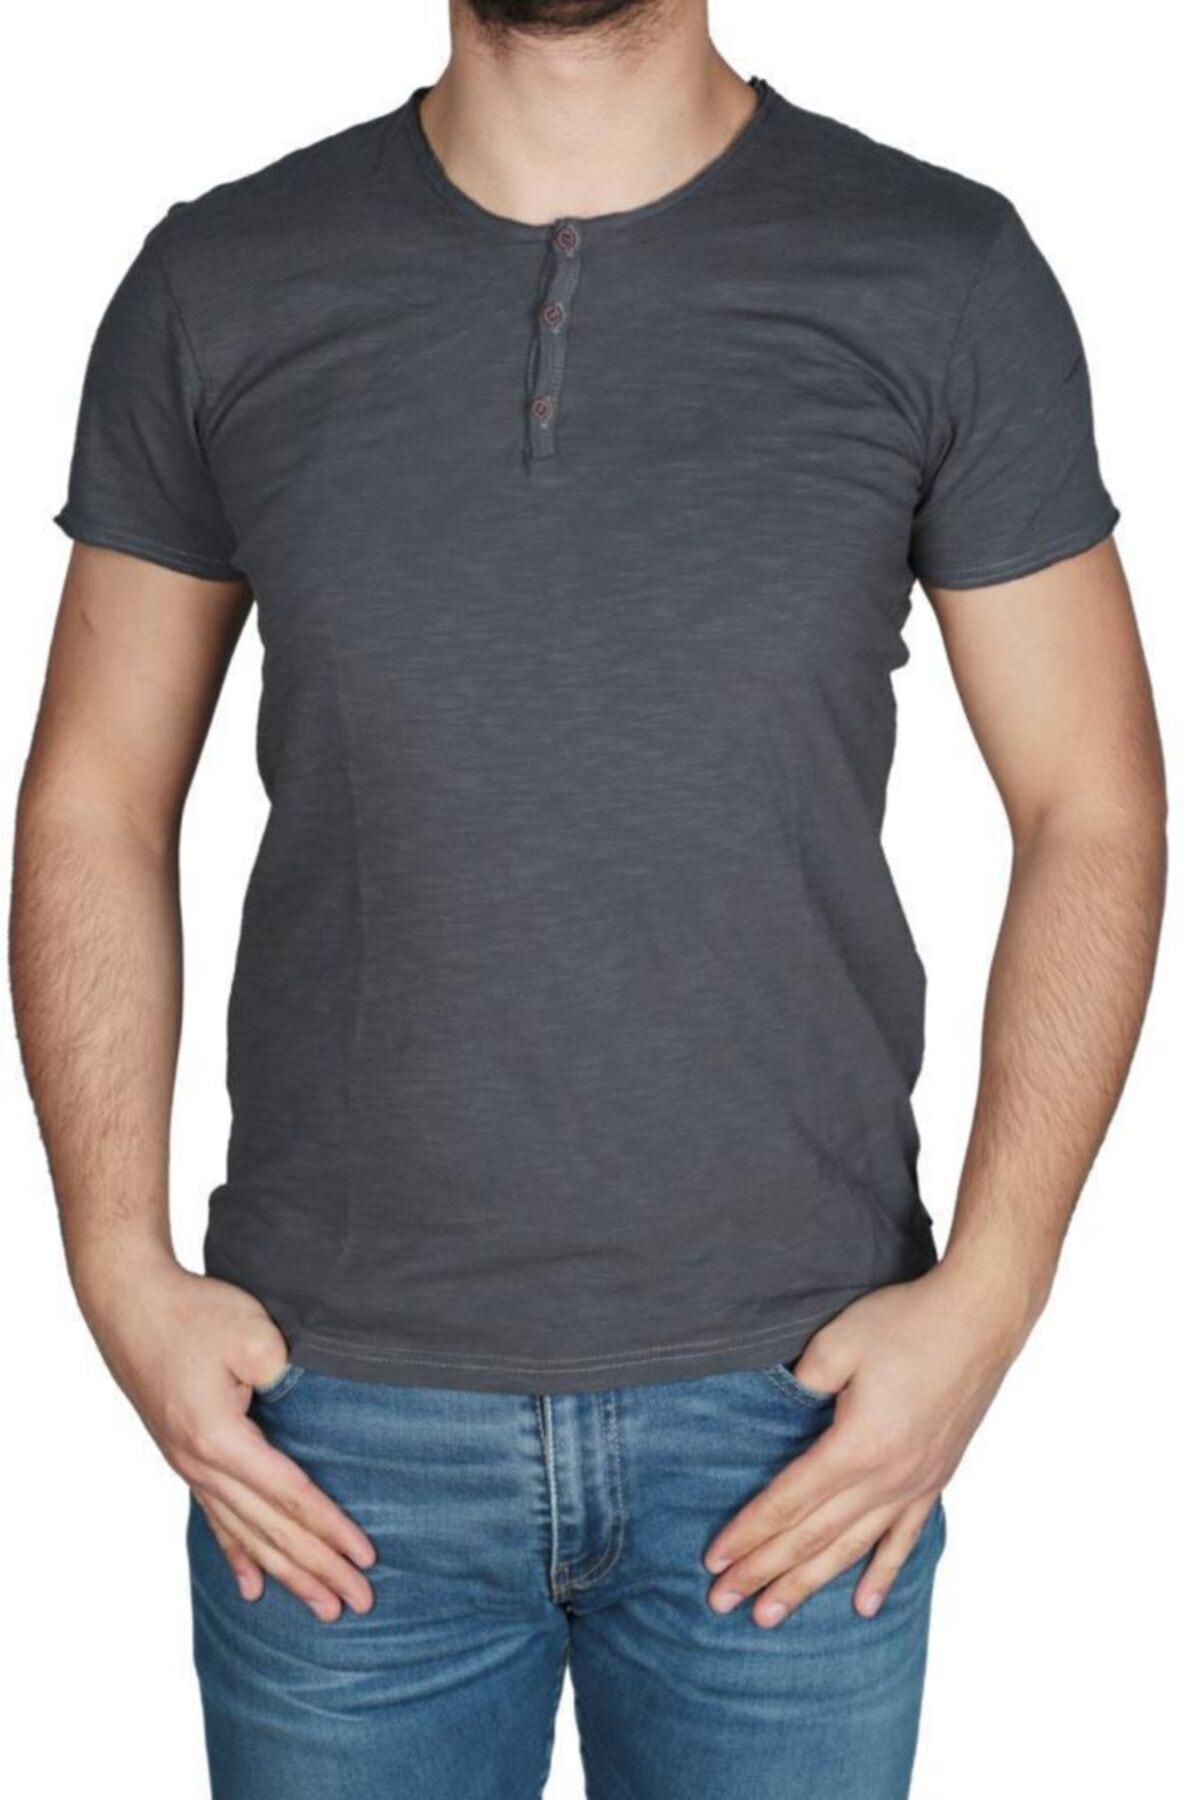 Bad Bear Erkek 3 Düğmeli Tişört 17.01.07.013 1